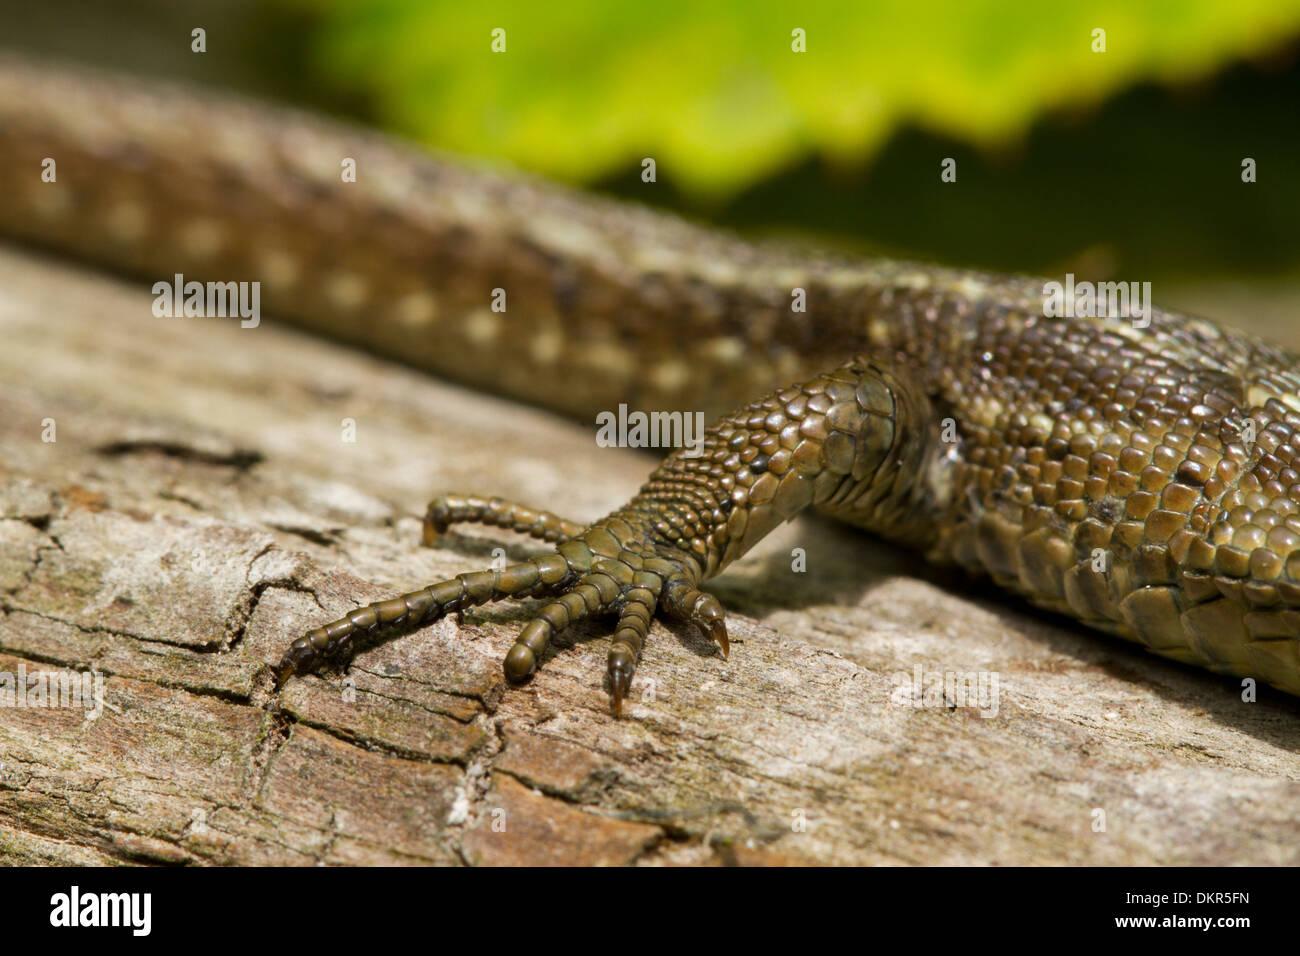 Comune o la Lucertola vivipara (Zootoca vivipara) close-up della zampa posteriore di una femmina adulta crogiolarsi su un log. Foto Stock